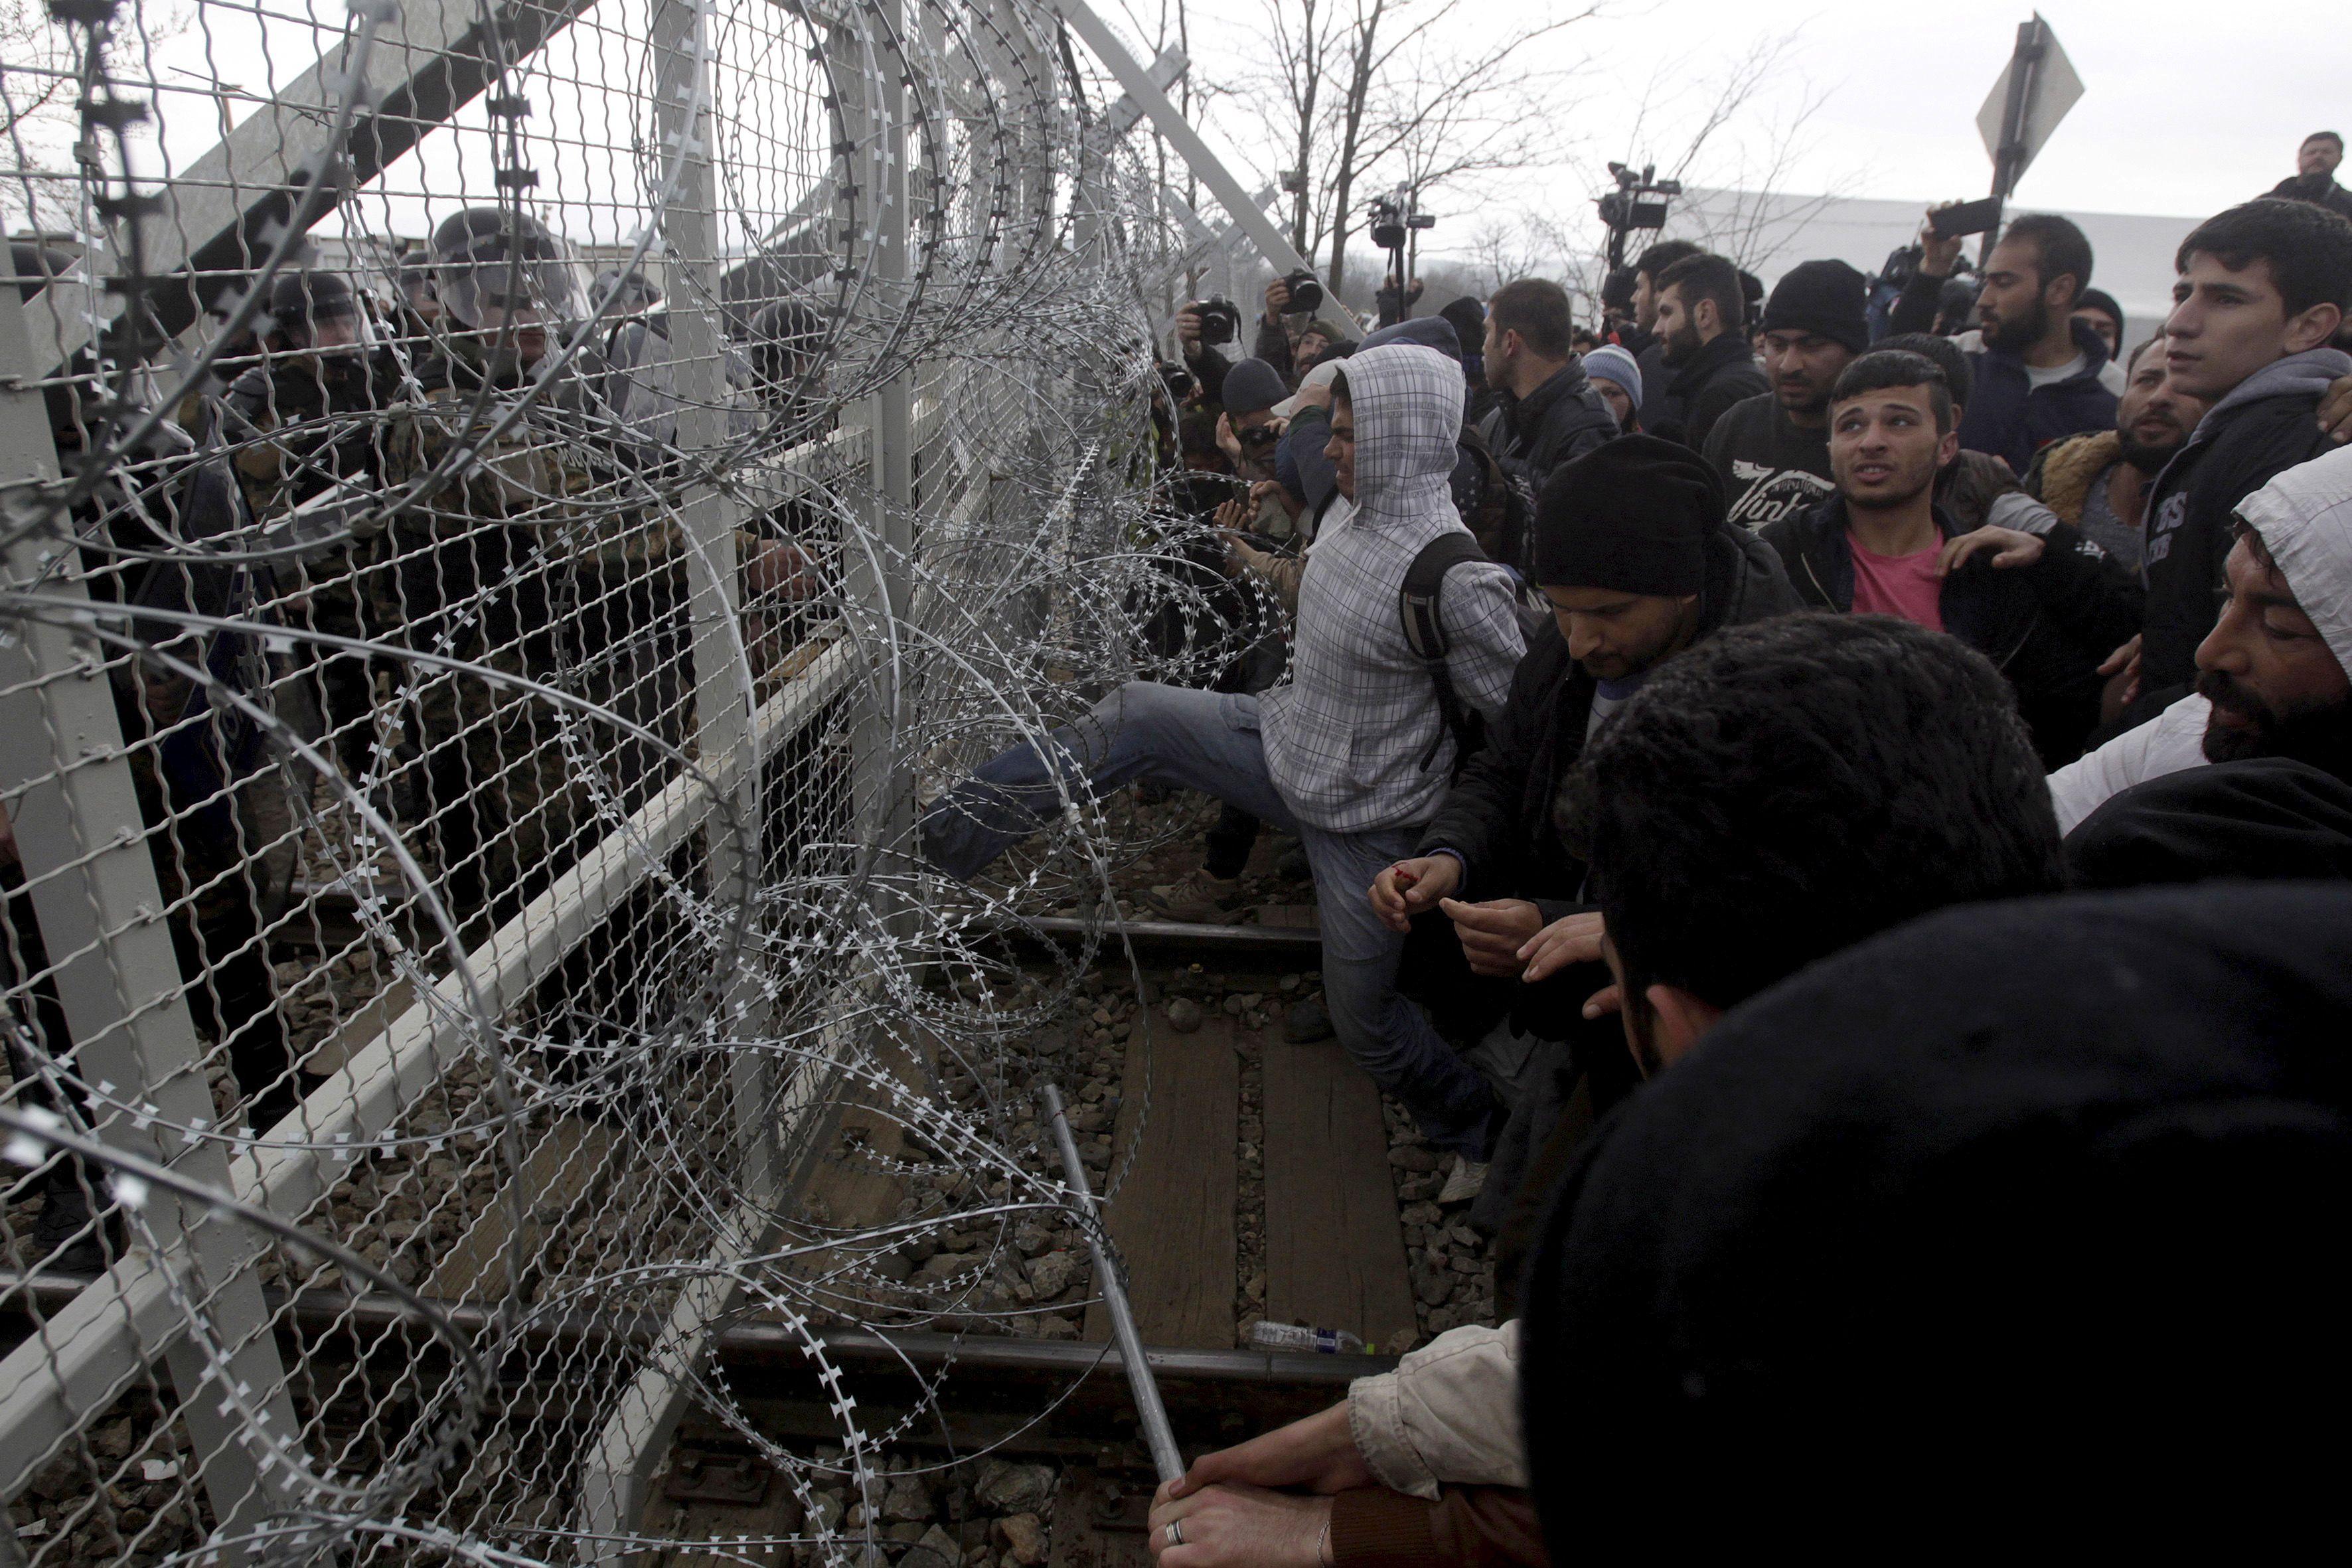 Crise migratoire : cette violence que les demandeurs d'asile essayent de fuir et qu'ils reproduisent dans le pays d'accueil